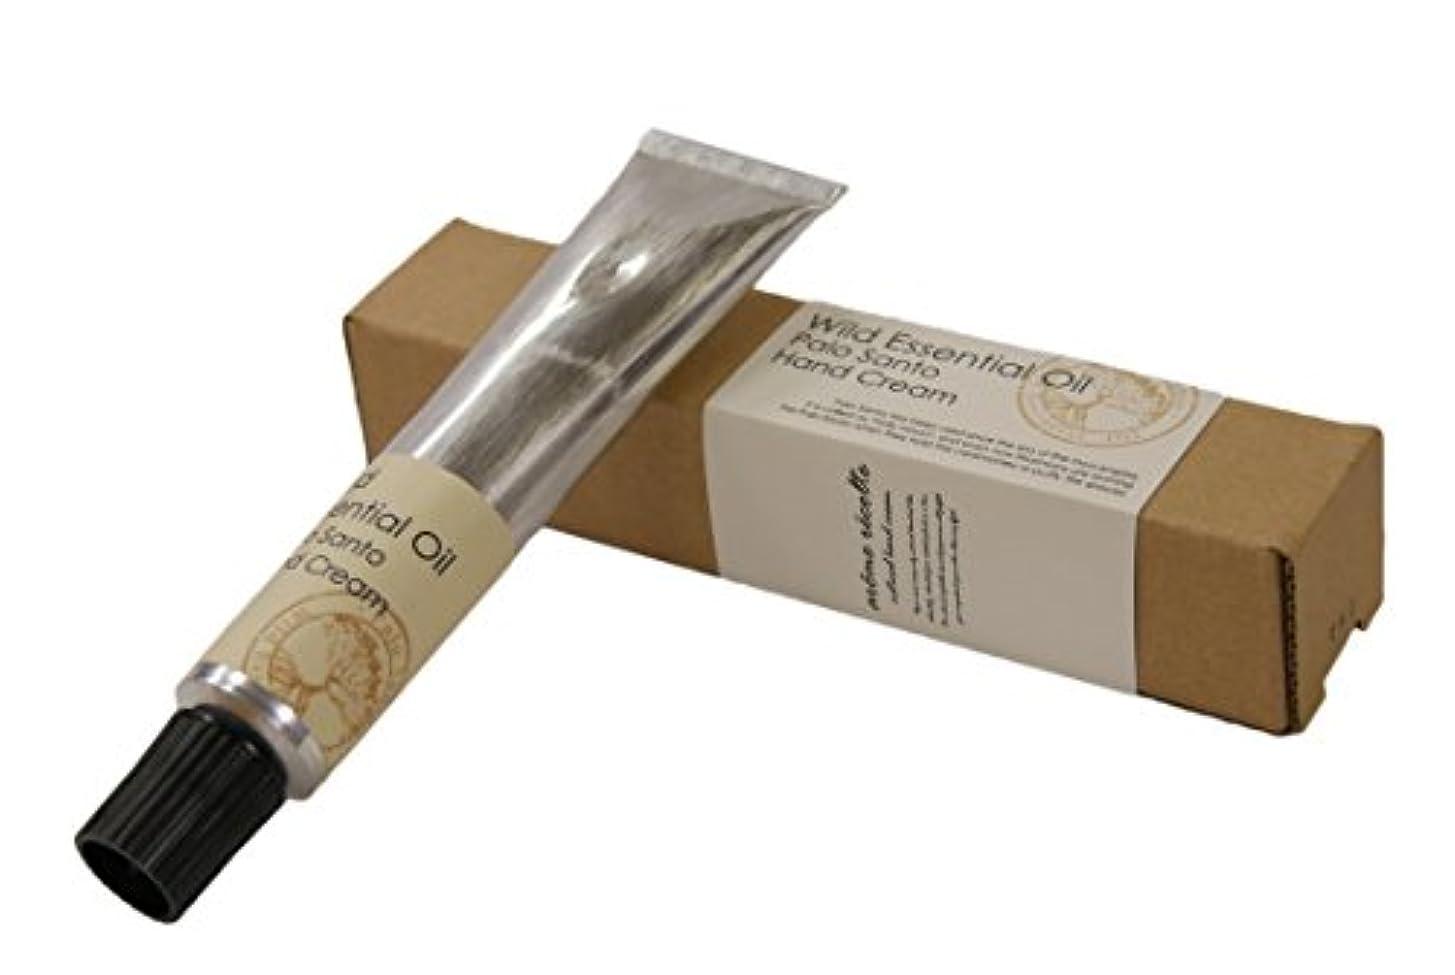 充電象子犬アロマレコルト ハンドクリーム パロサント 【Palo Santo】 ワイルド エッセンシャルオイル wild essential oil hand cream arome recolte